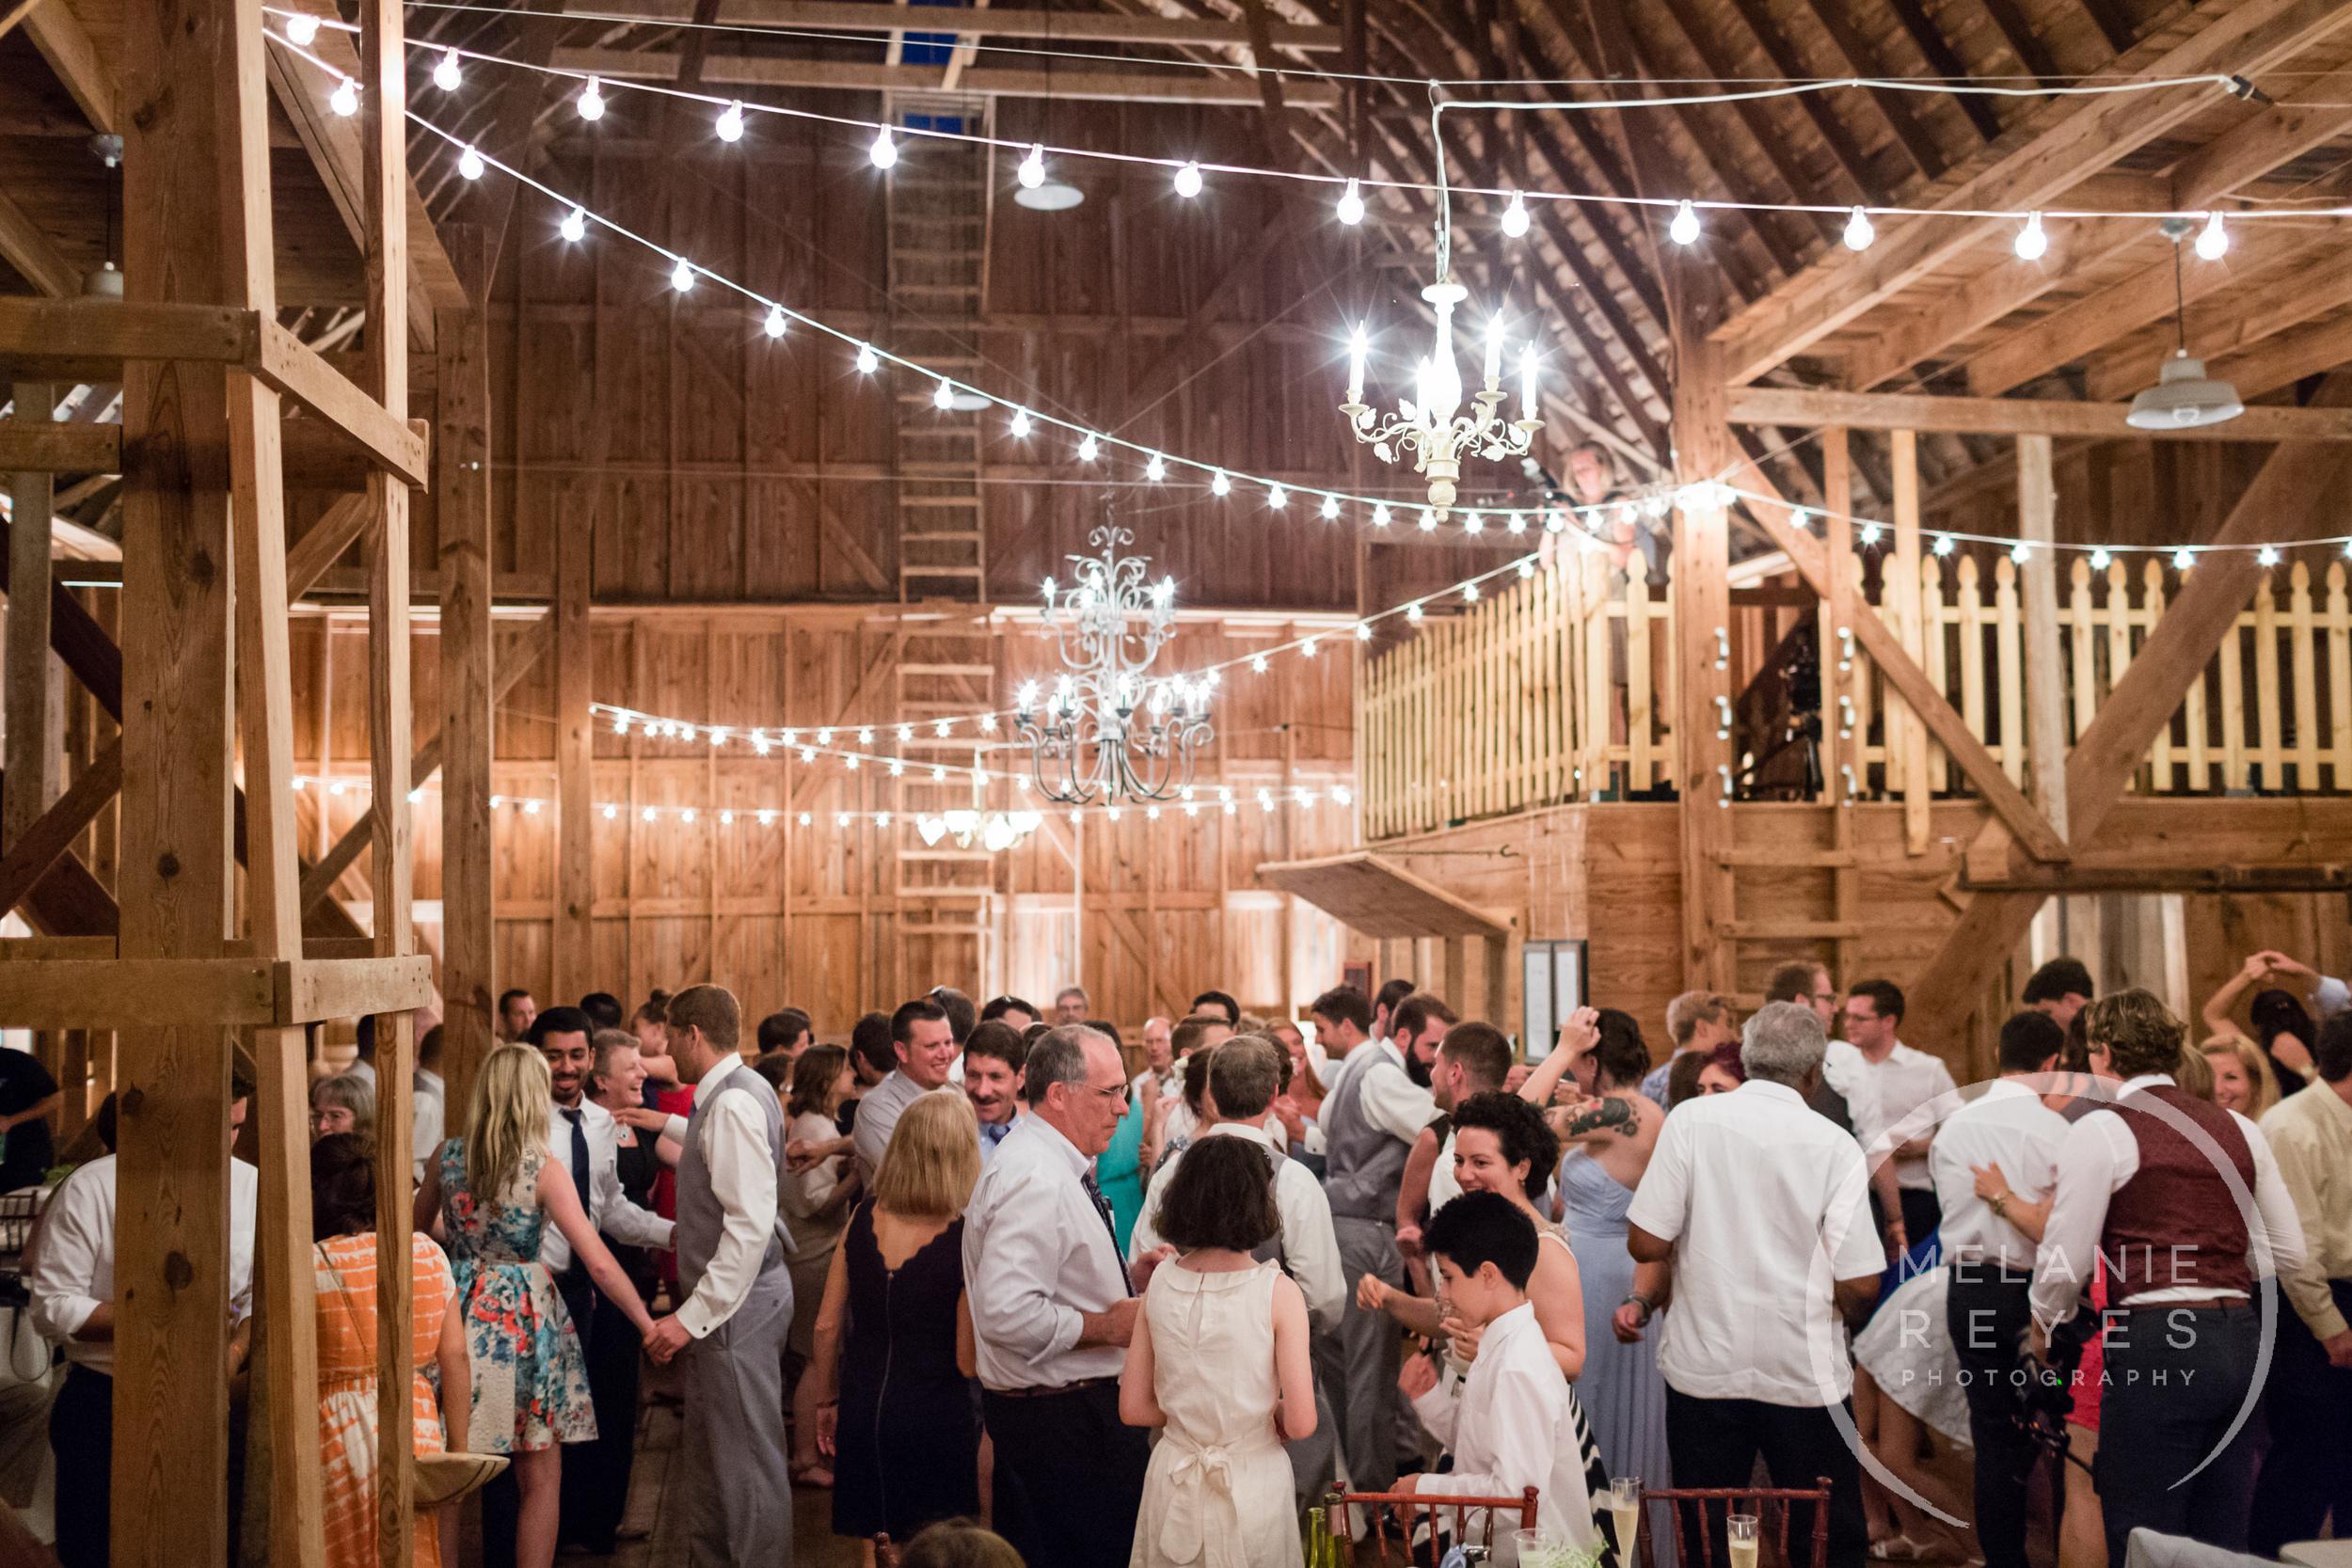 092_farm_wedding_melanie_reyes.JPG